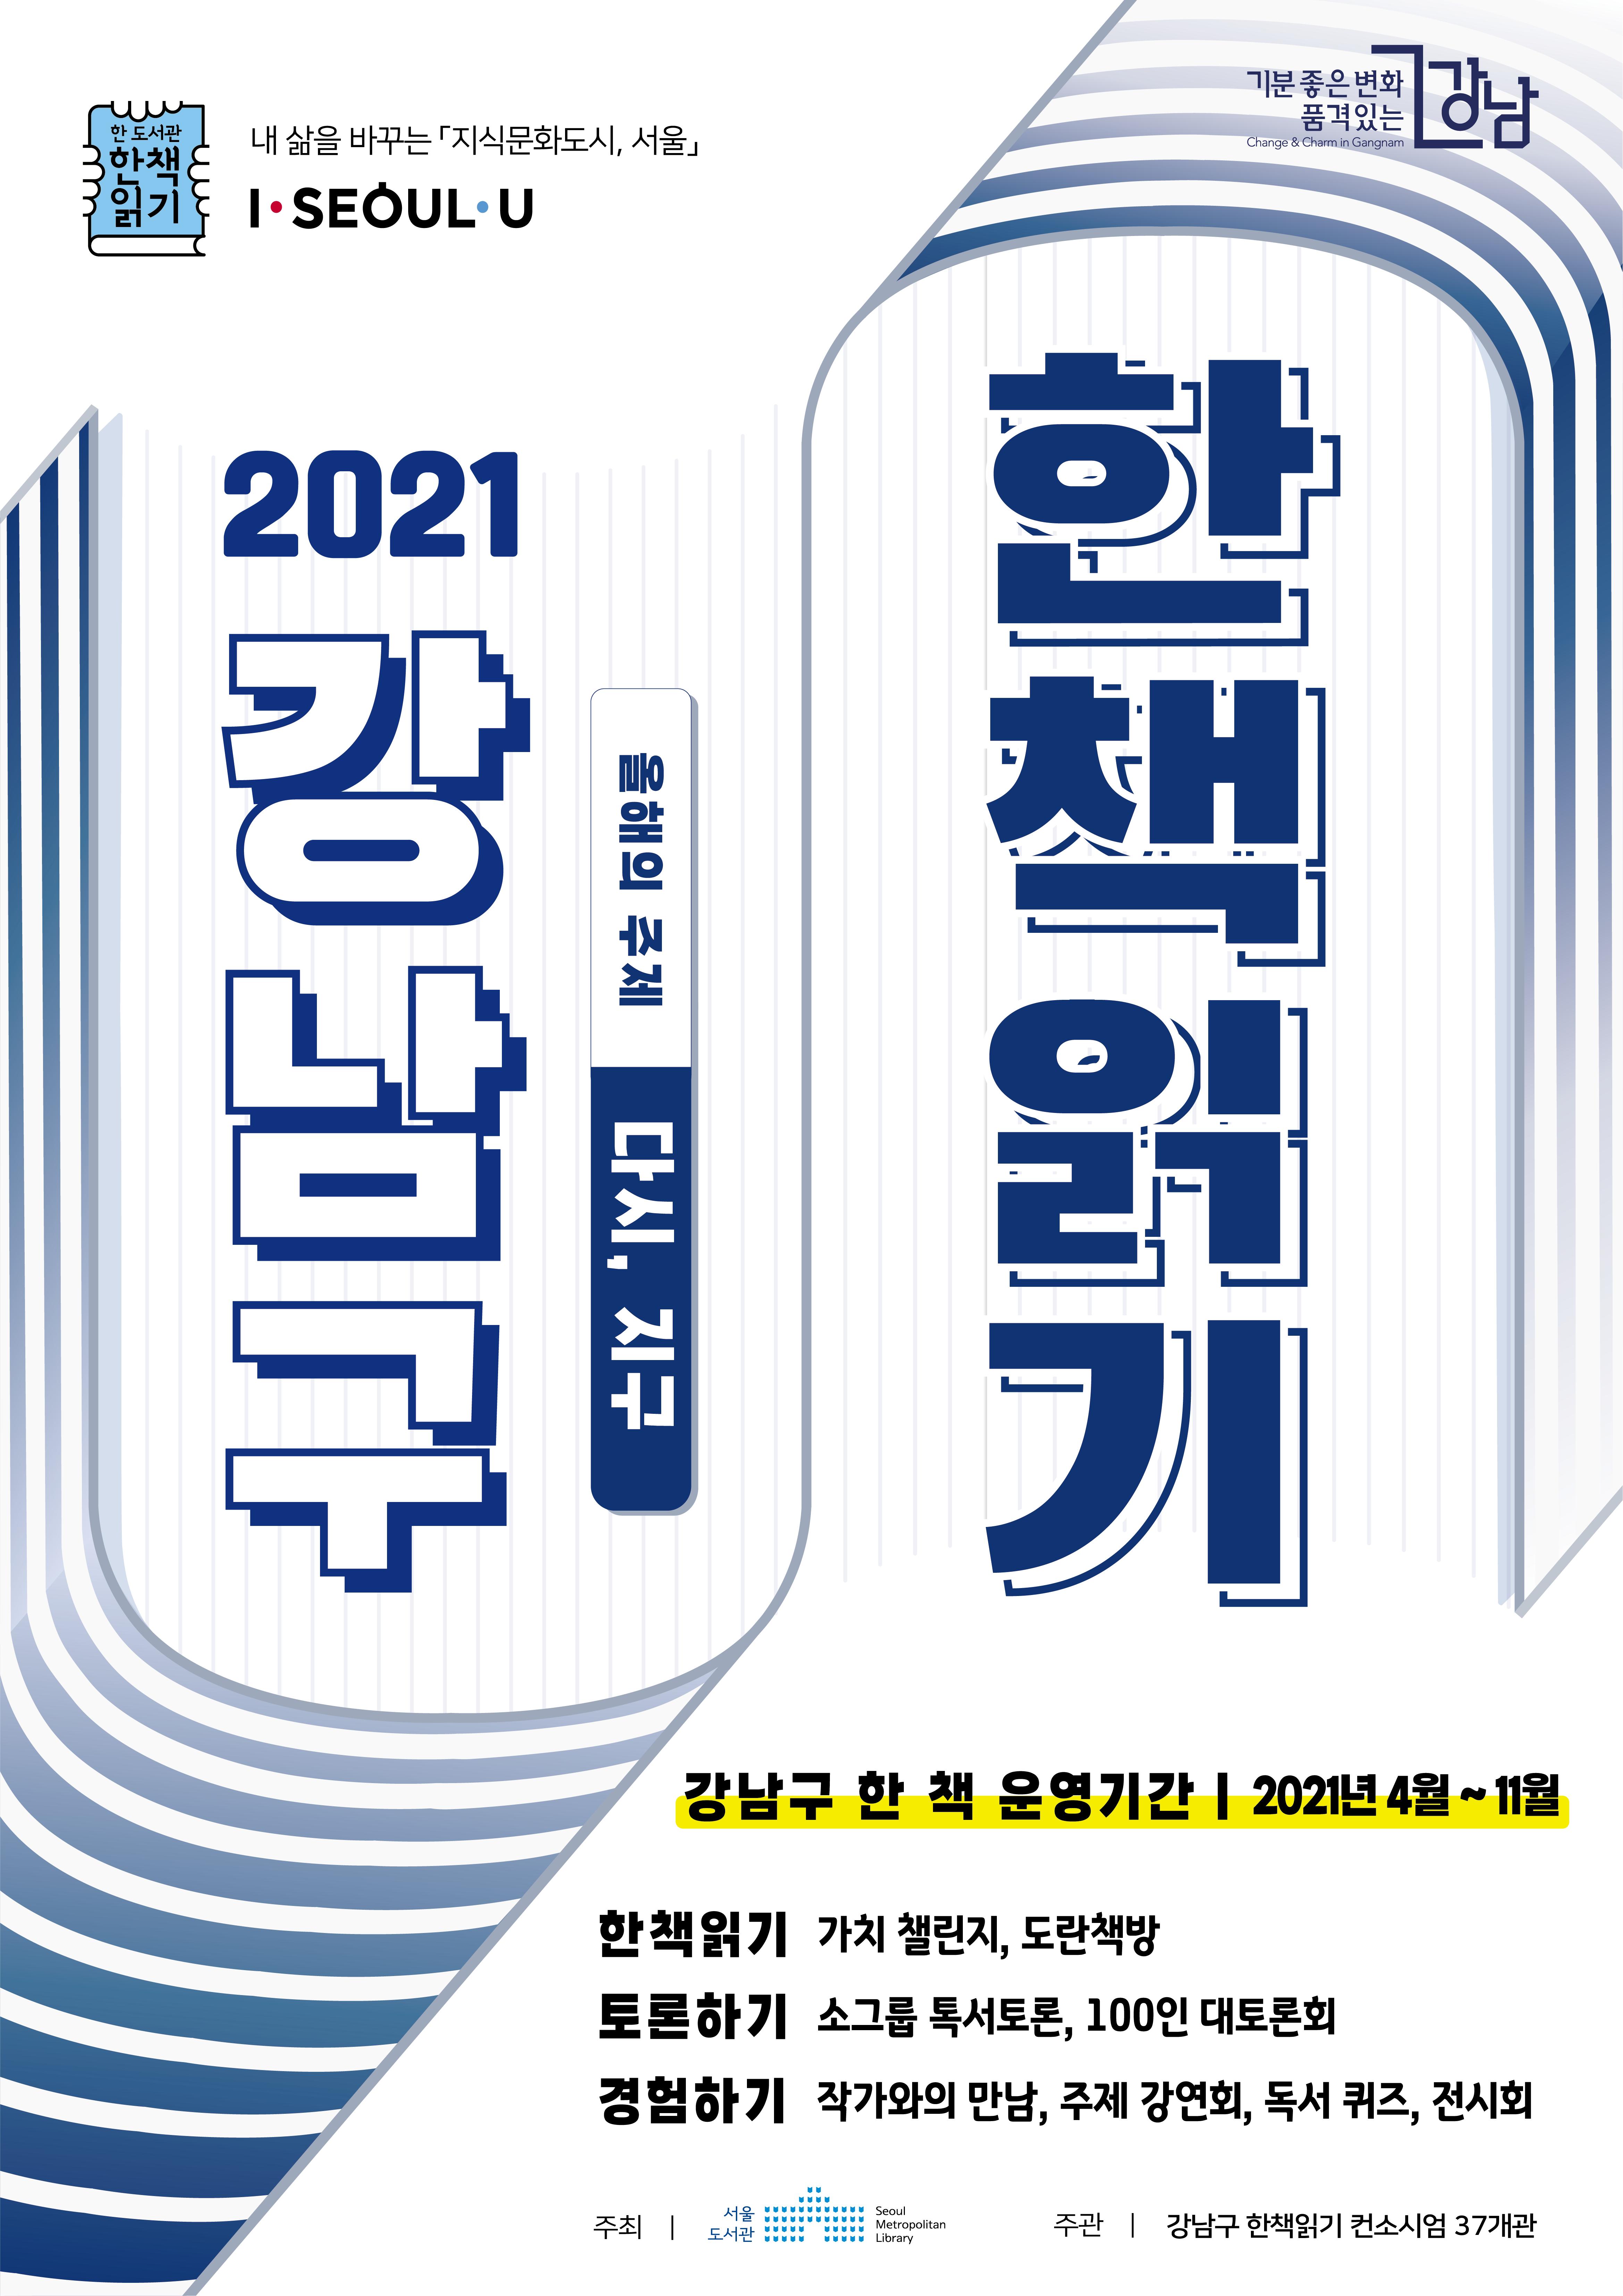 2021 강남구 한책읽기 4월~11월 진행